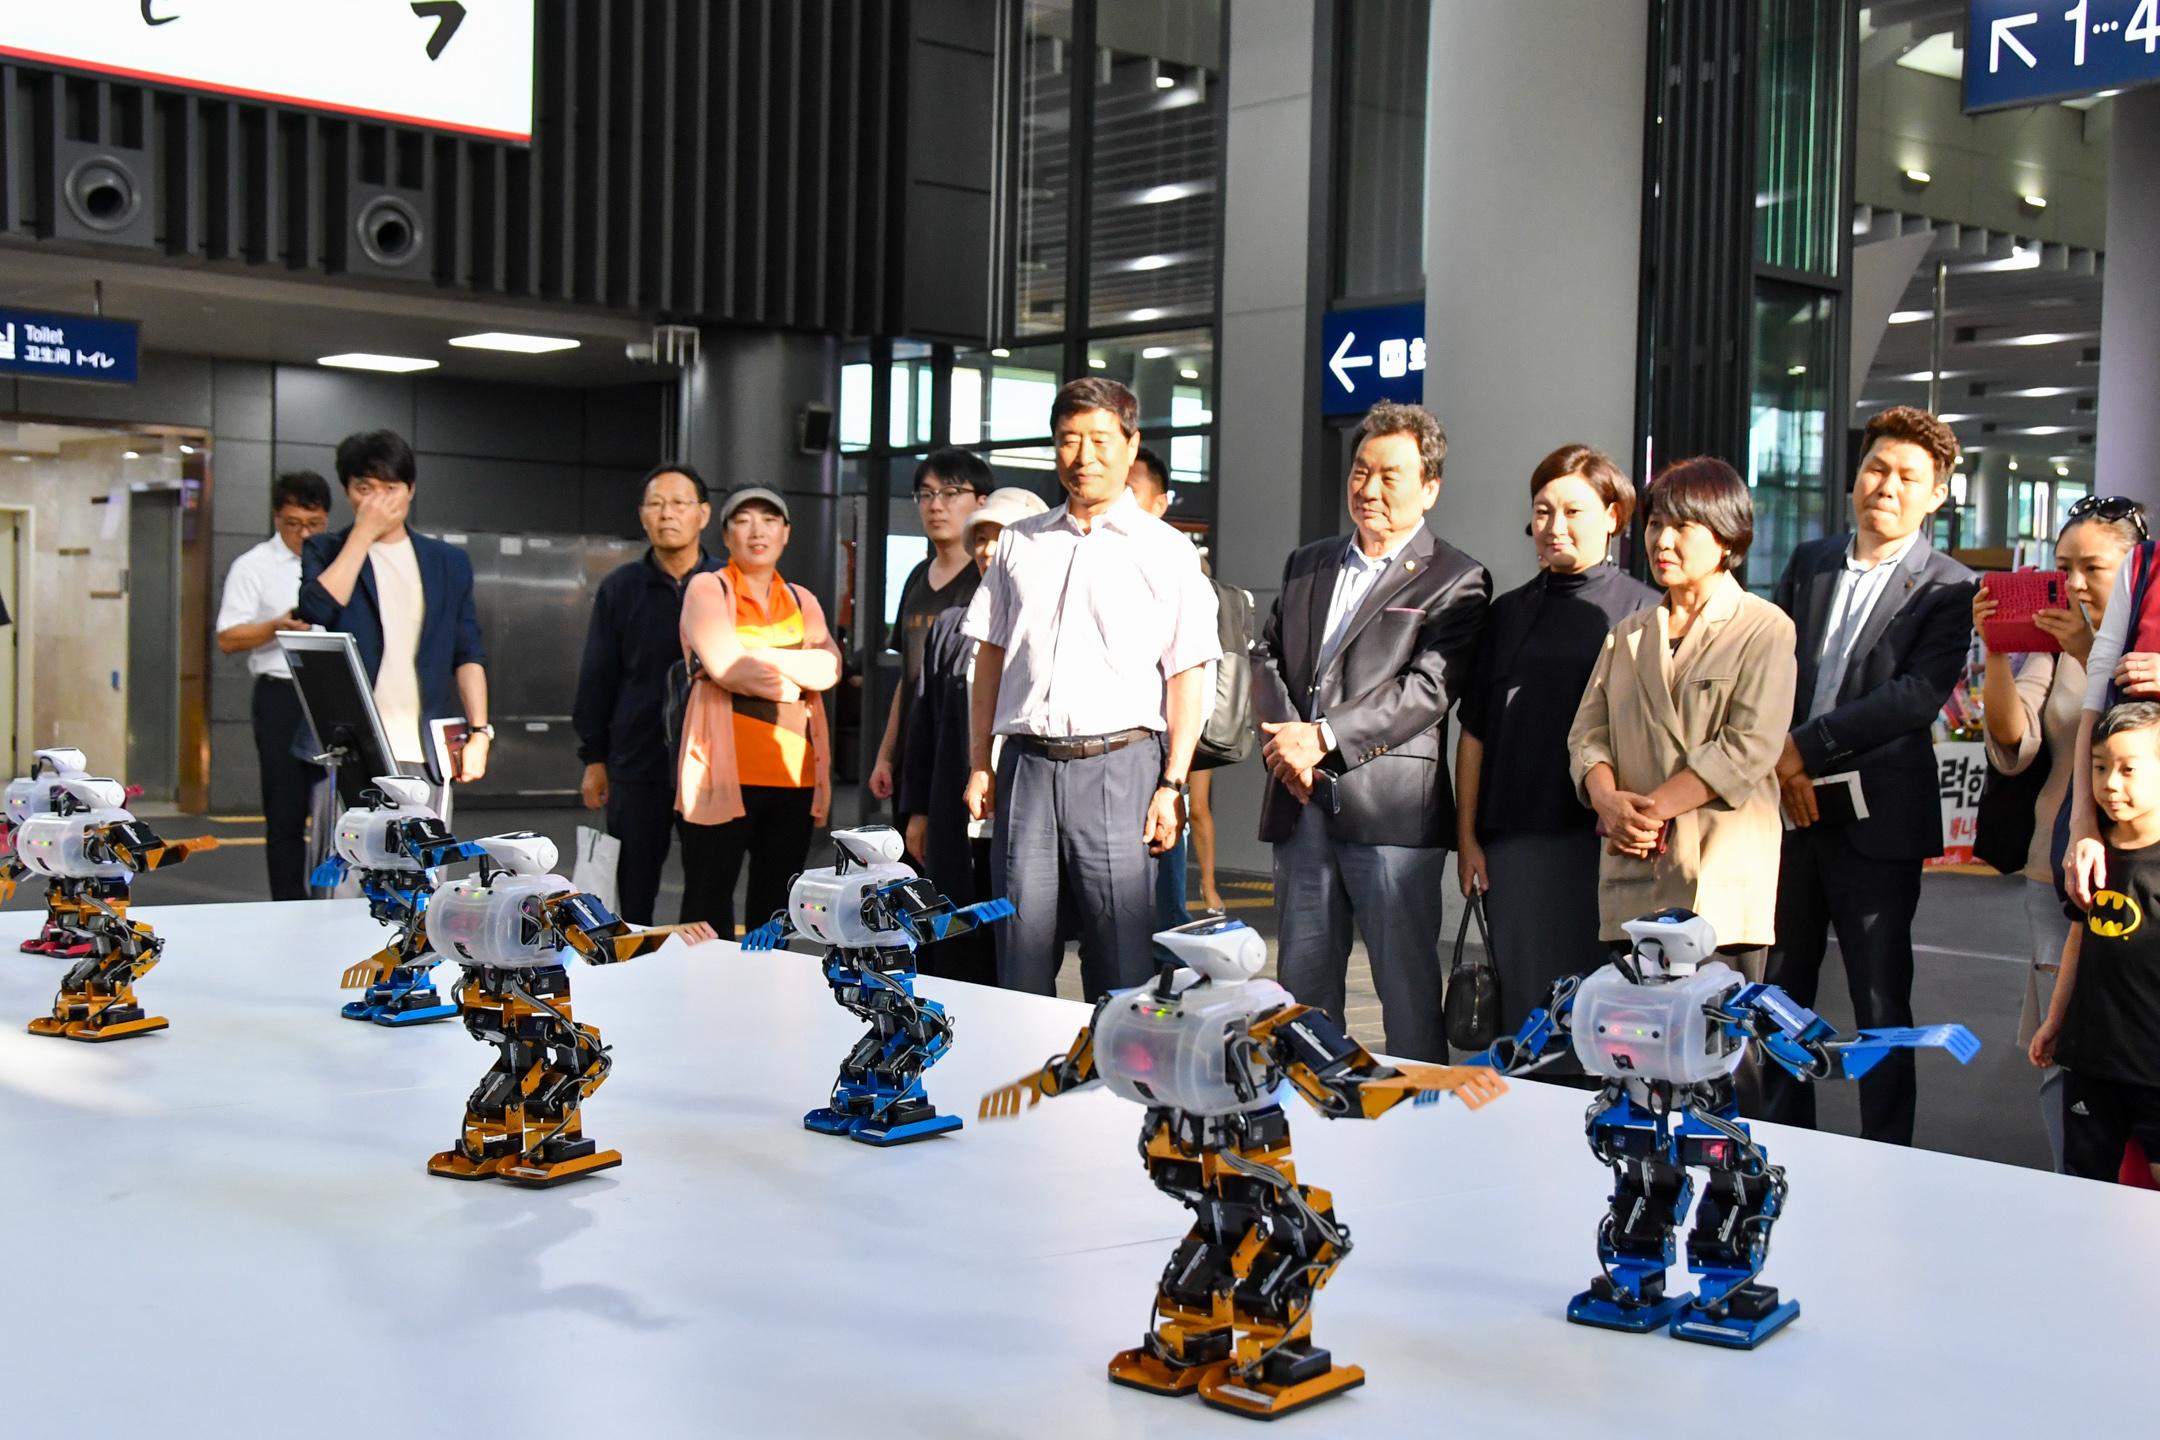 로봇 . ICT 전시회 로봇.ICT 전시회(6).jpg